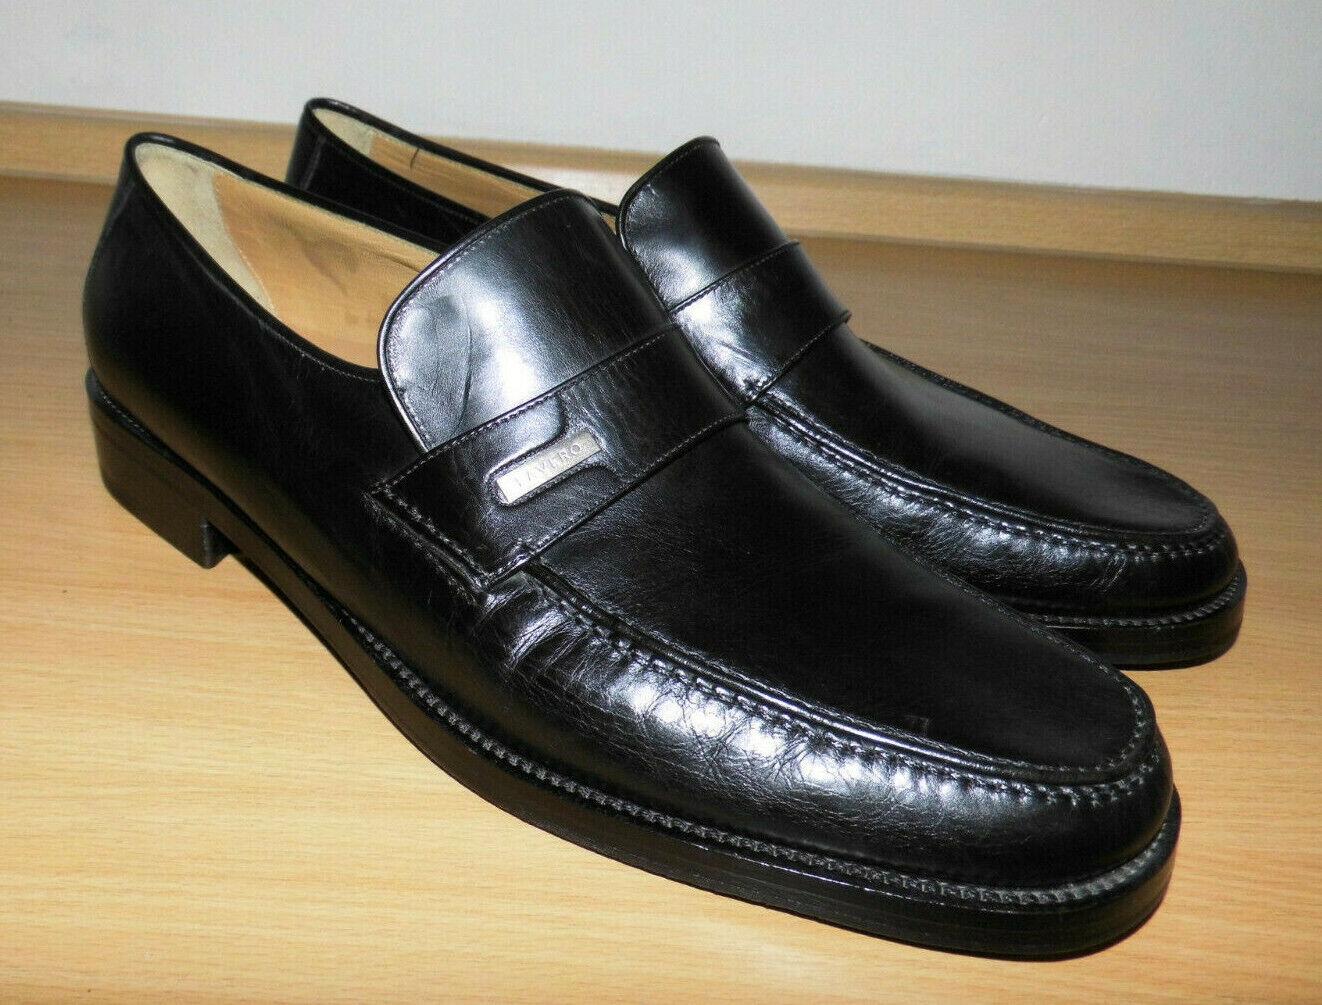 Renzo Favero  Herrenschuhe Loafer Business- Schuhe UK 14 EU 48.Made in .